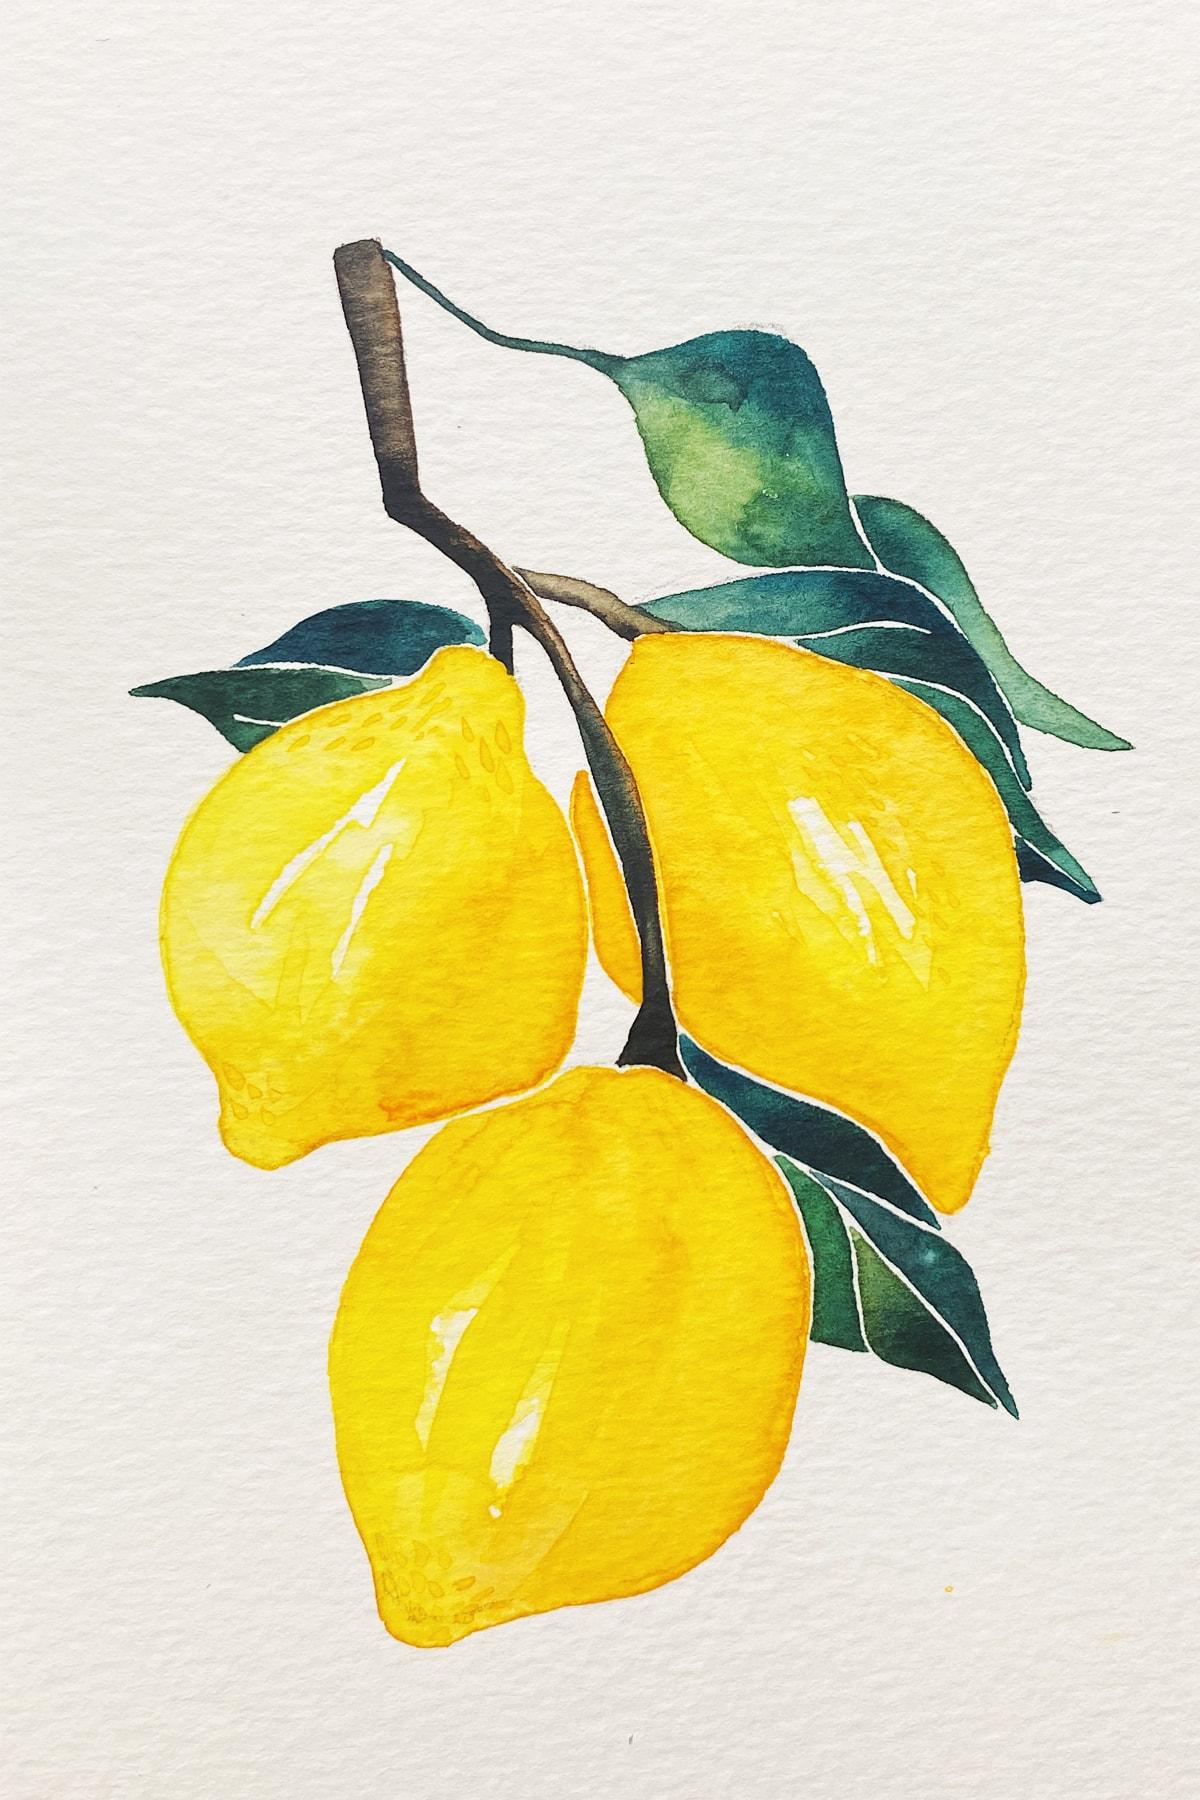 lemons-min